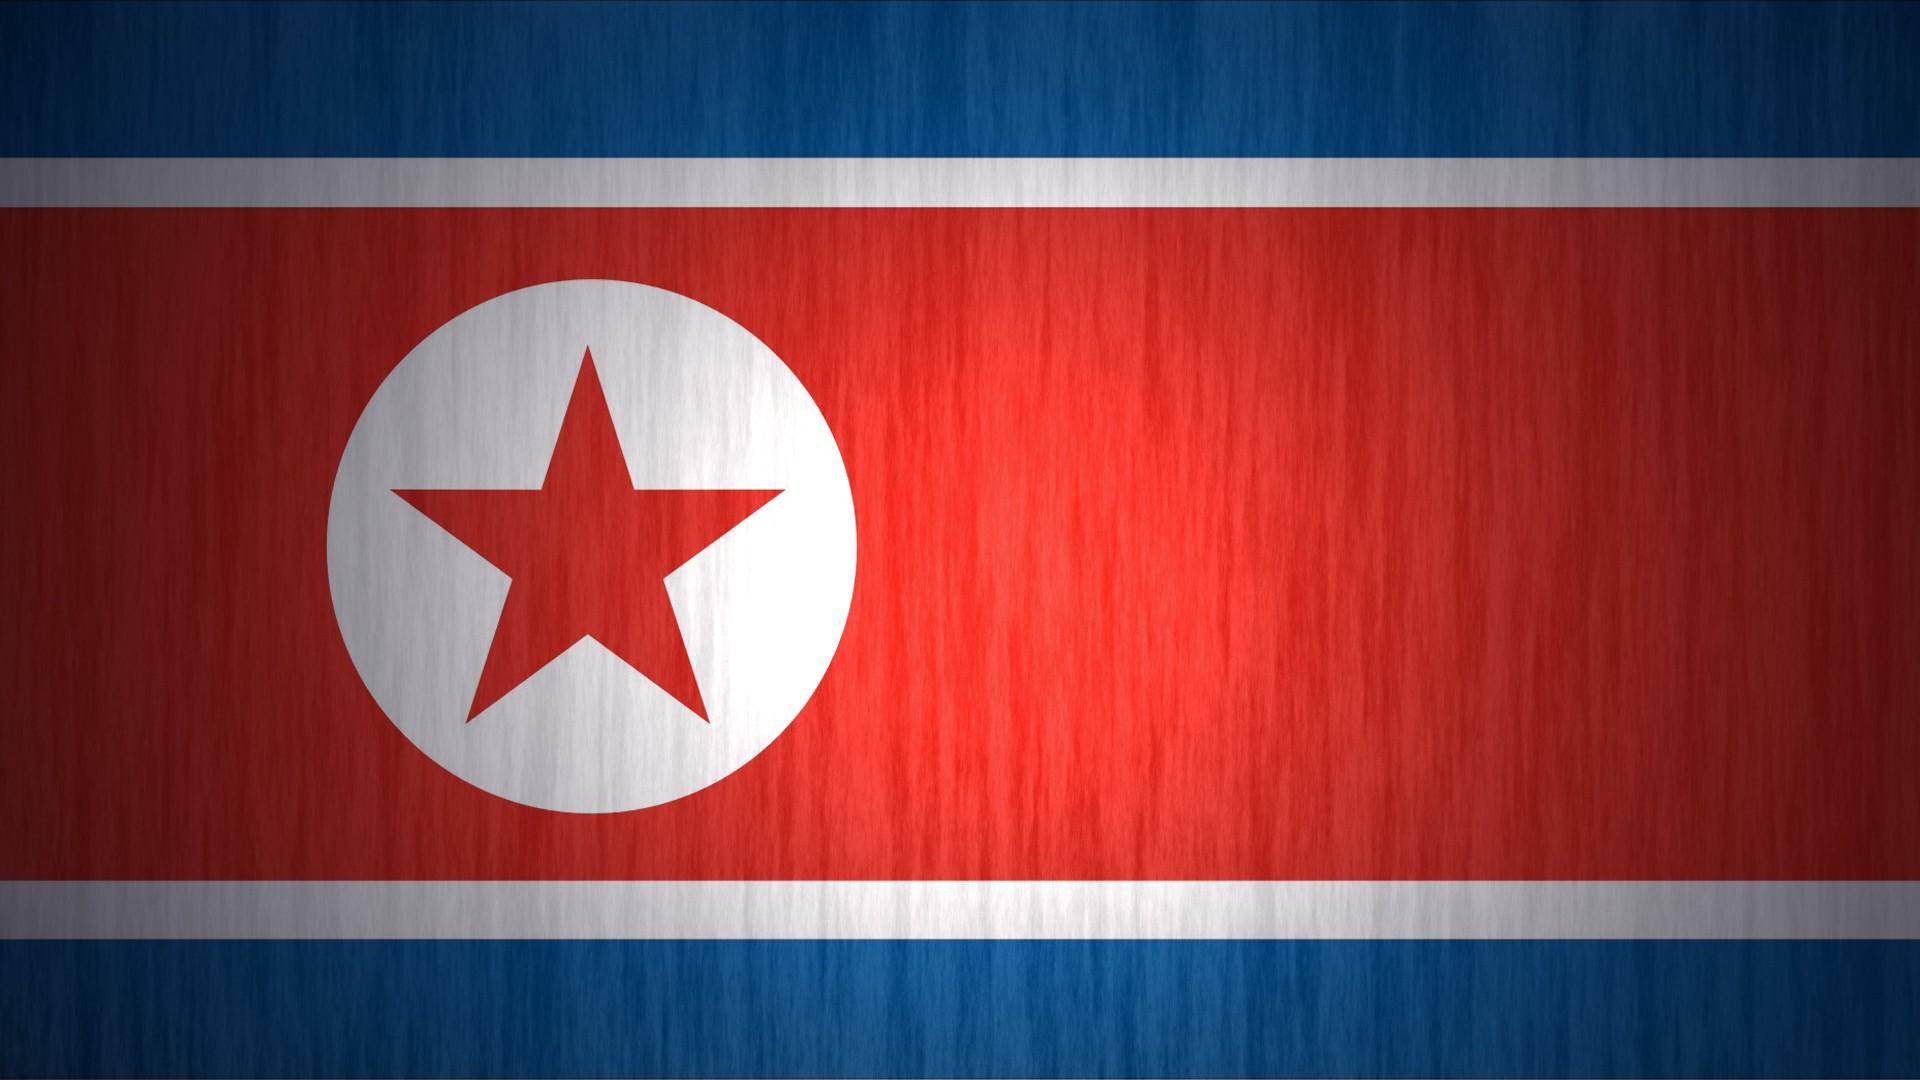 48 North Korea Wallpaper On Wallpapersafari